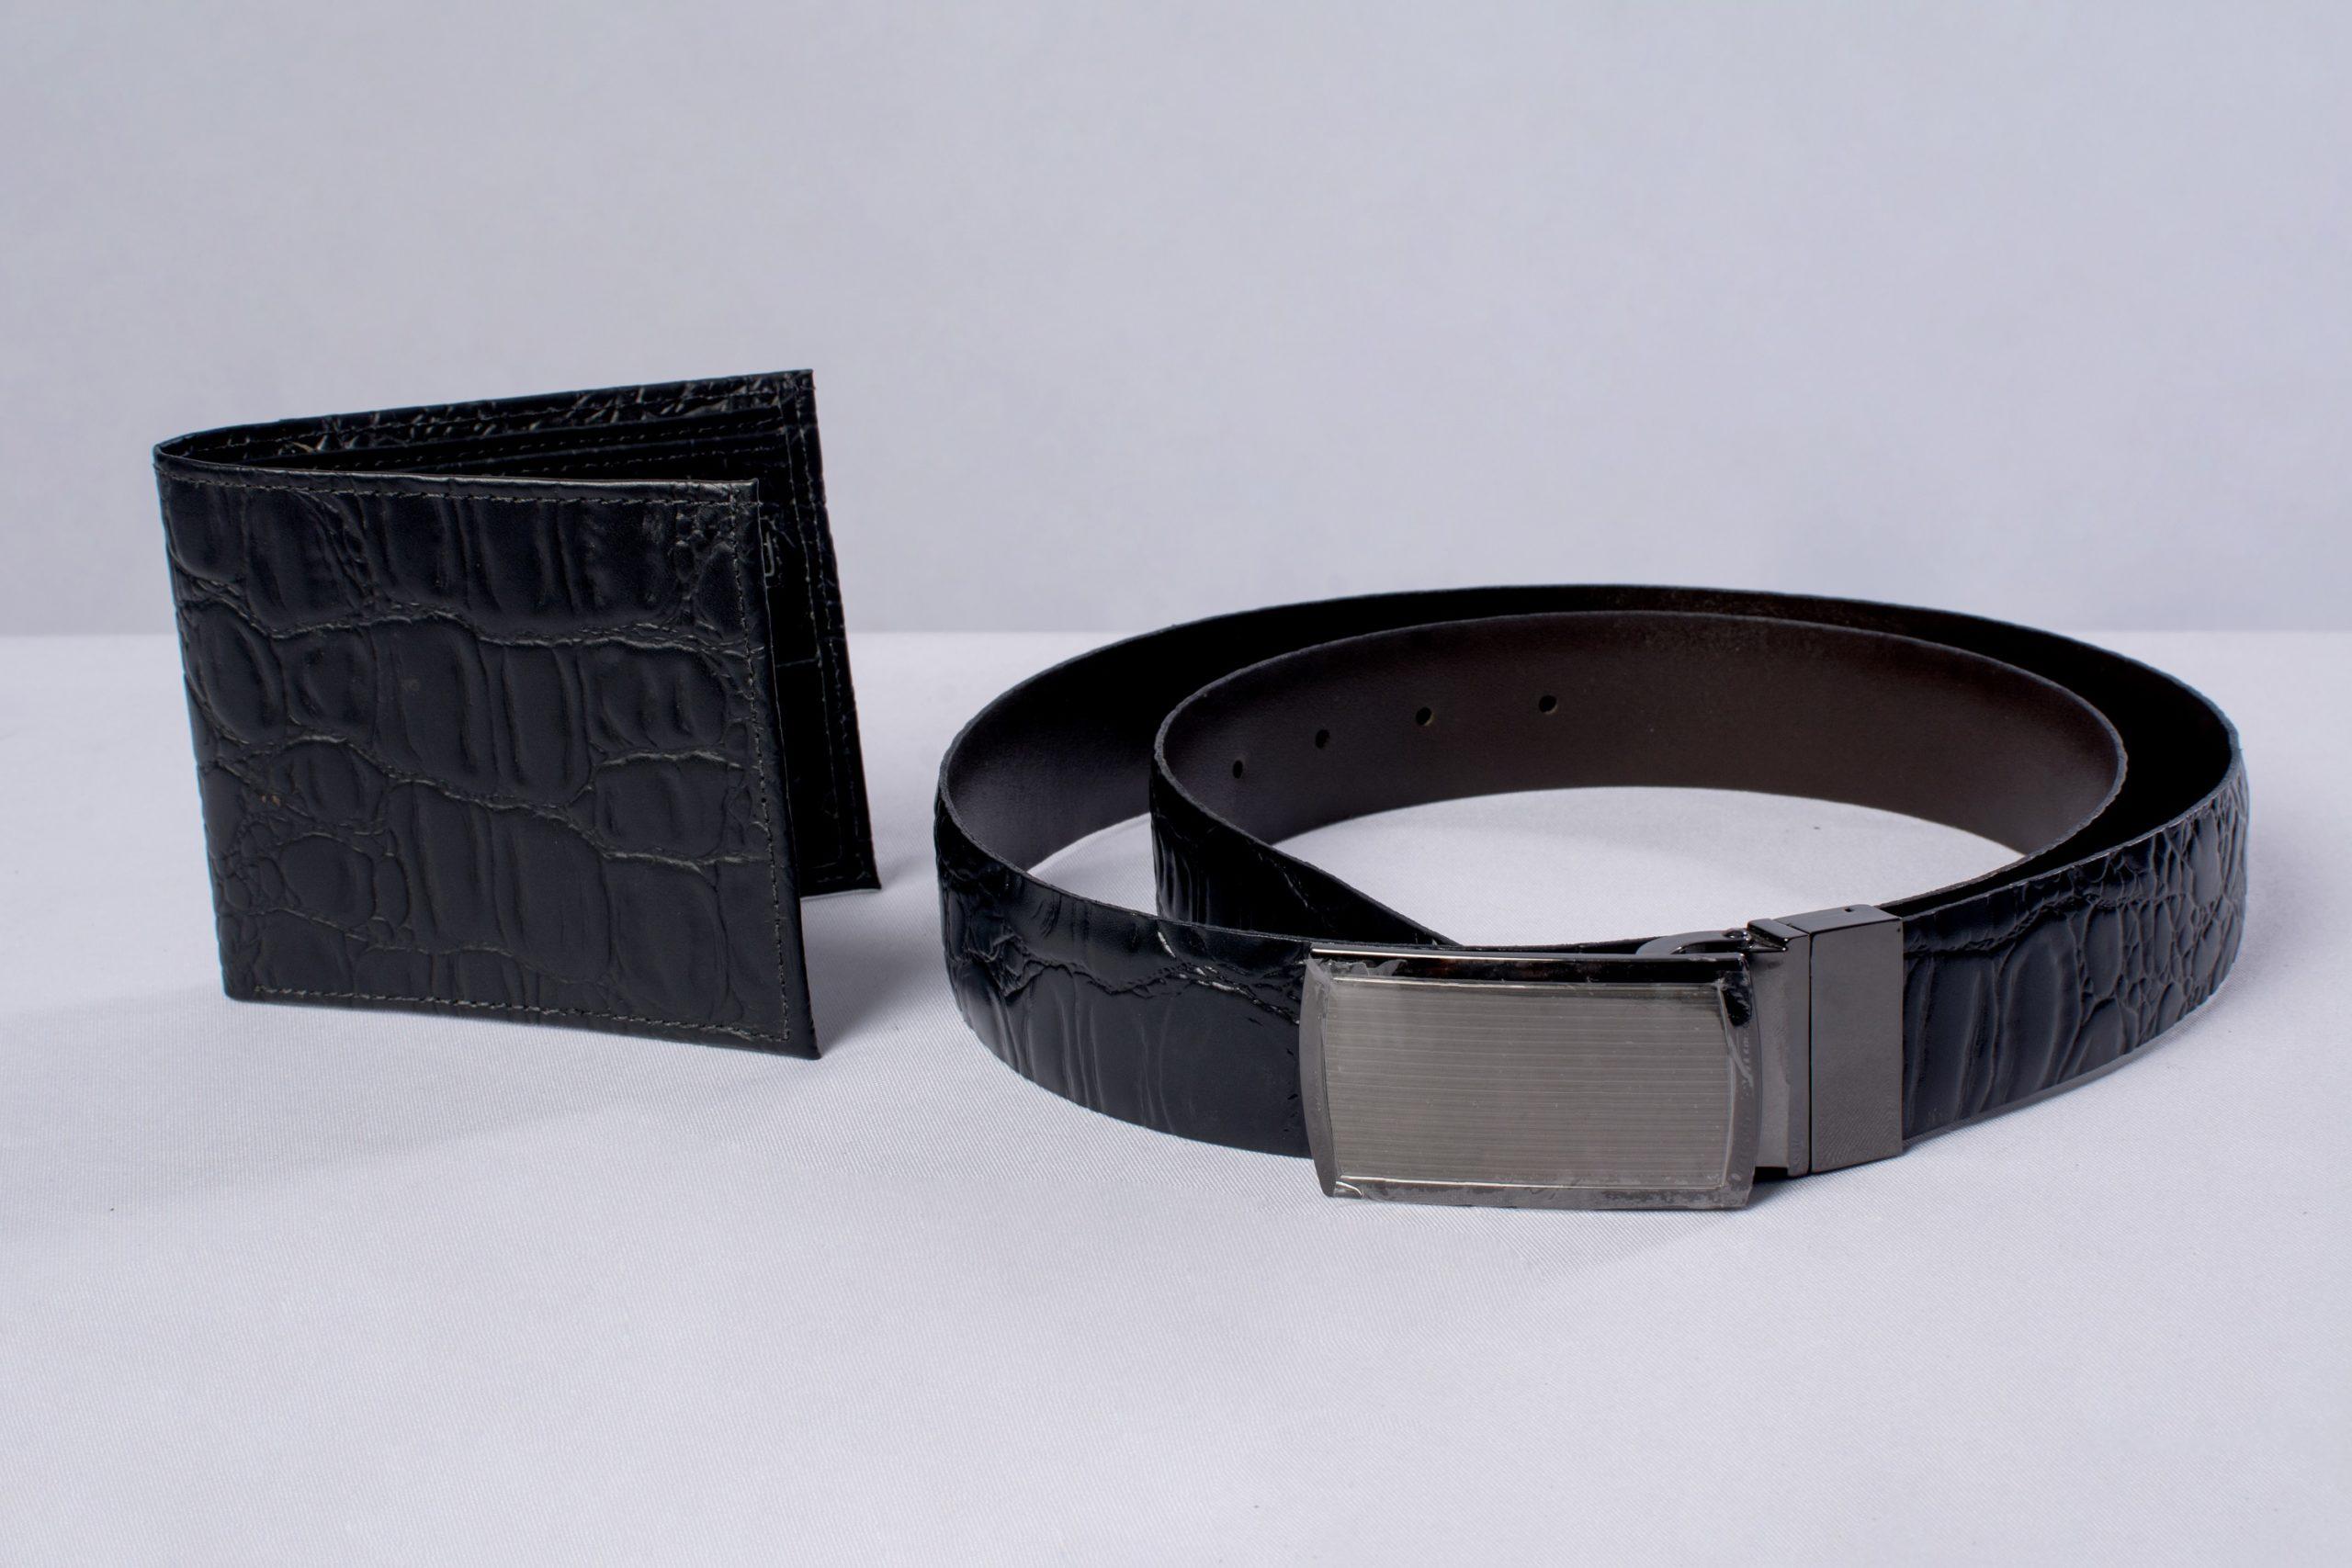 Cinturón y billetera (marroquinería).Material: Cuero de res.